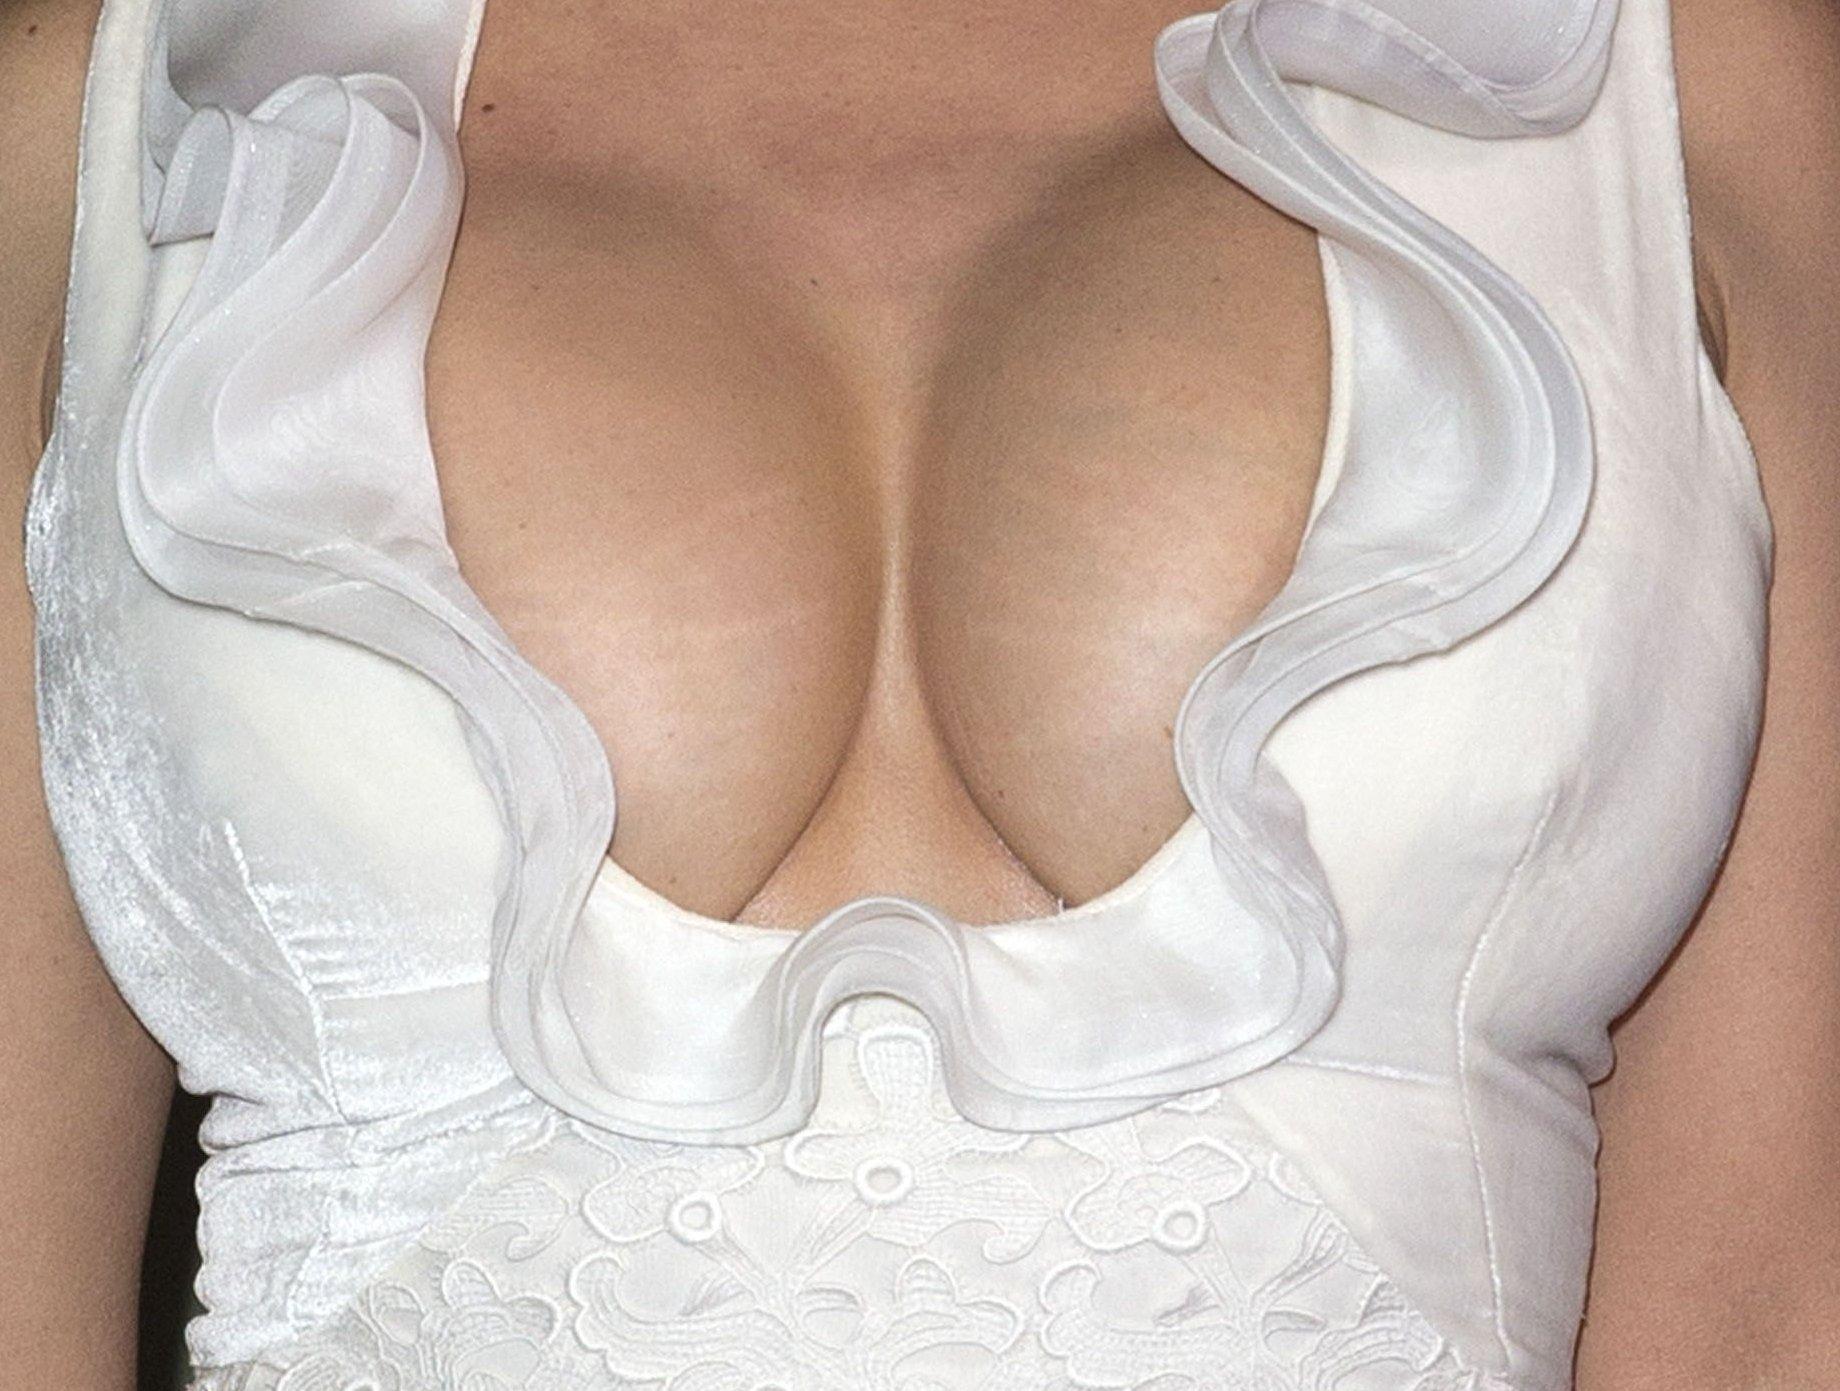 Сальма хайек большая грудь, Пластика груди Сальмы Хайек 10 фотография